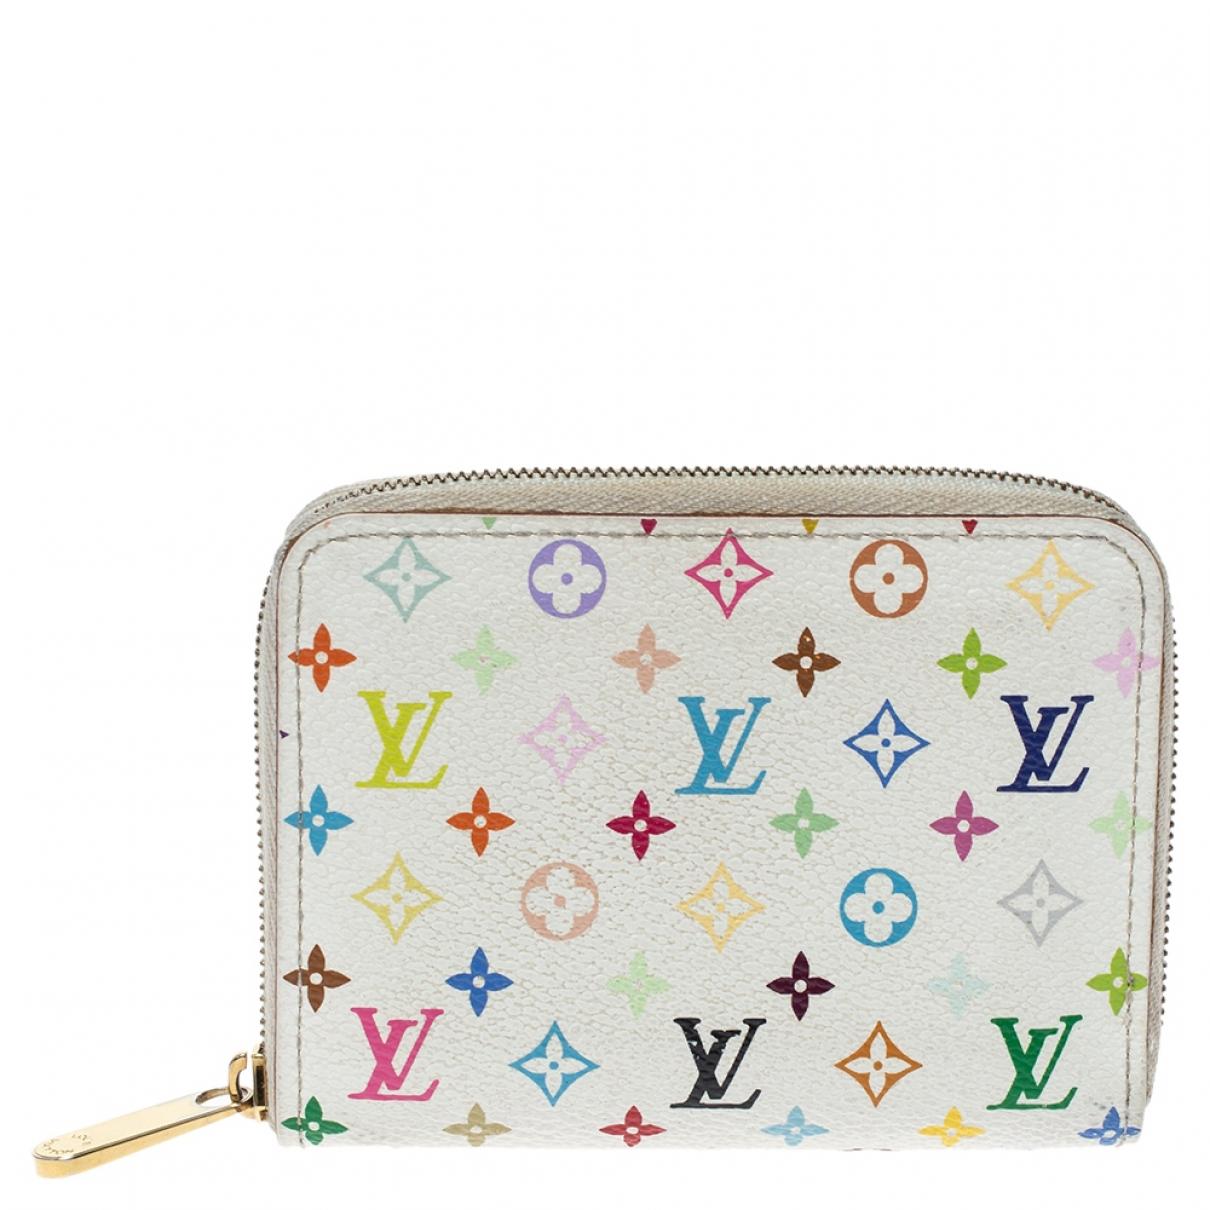 Louis Vuitton Zippy Portemonnaie in  Weiss Leder